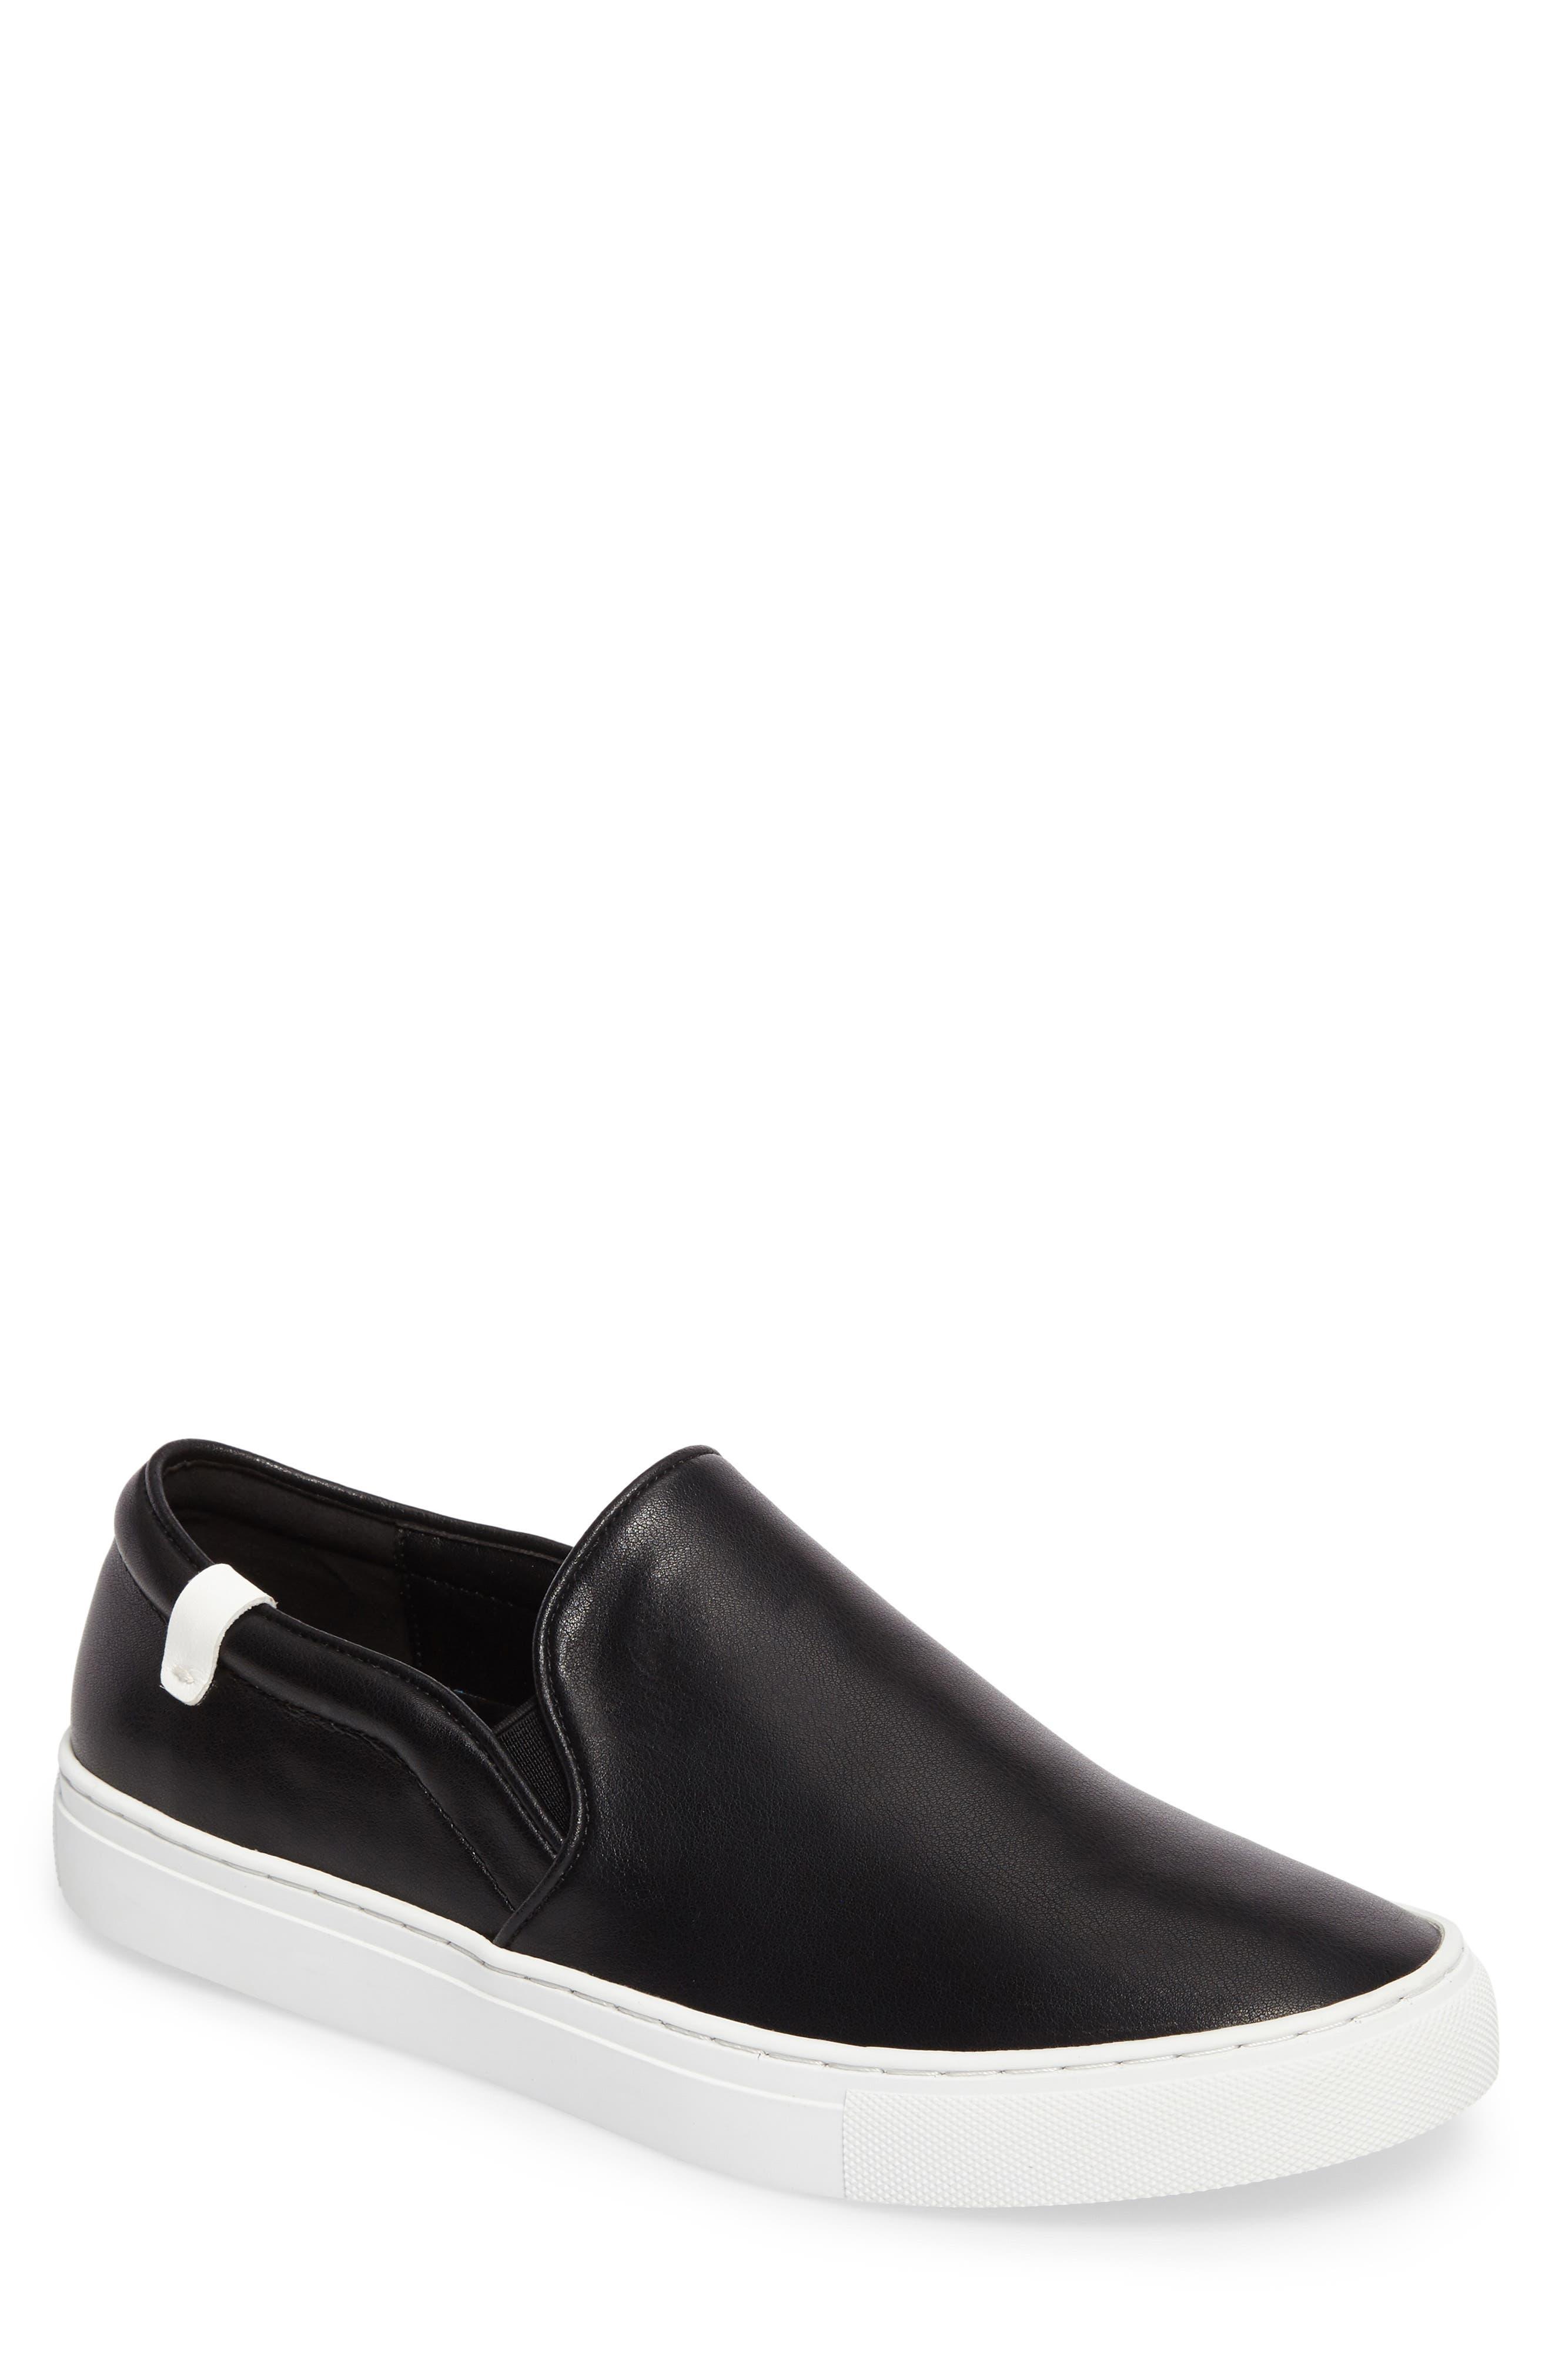 House of Future Original Slip-On Sneaker (Men)